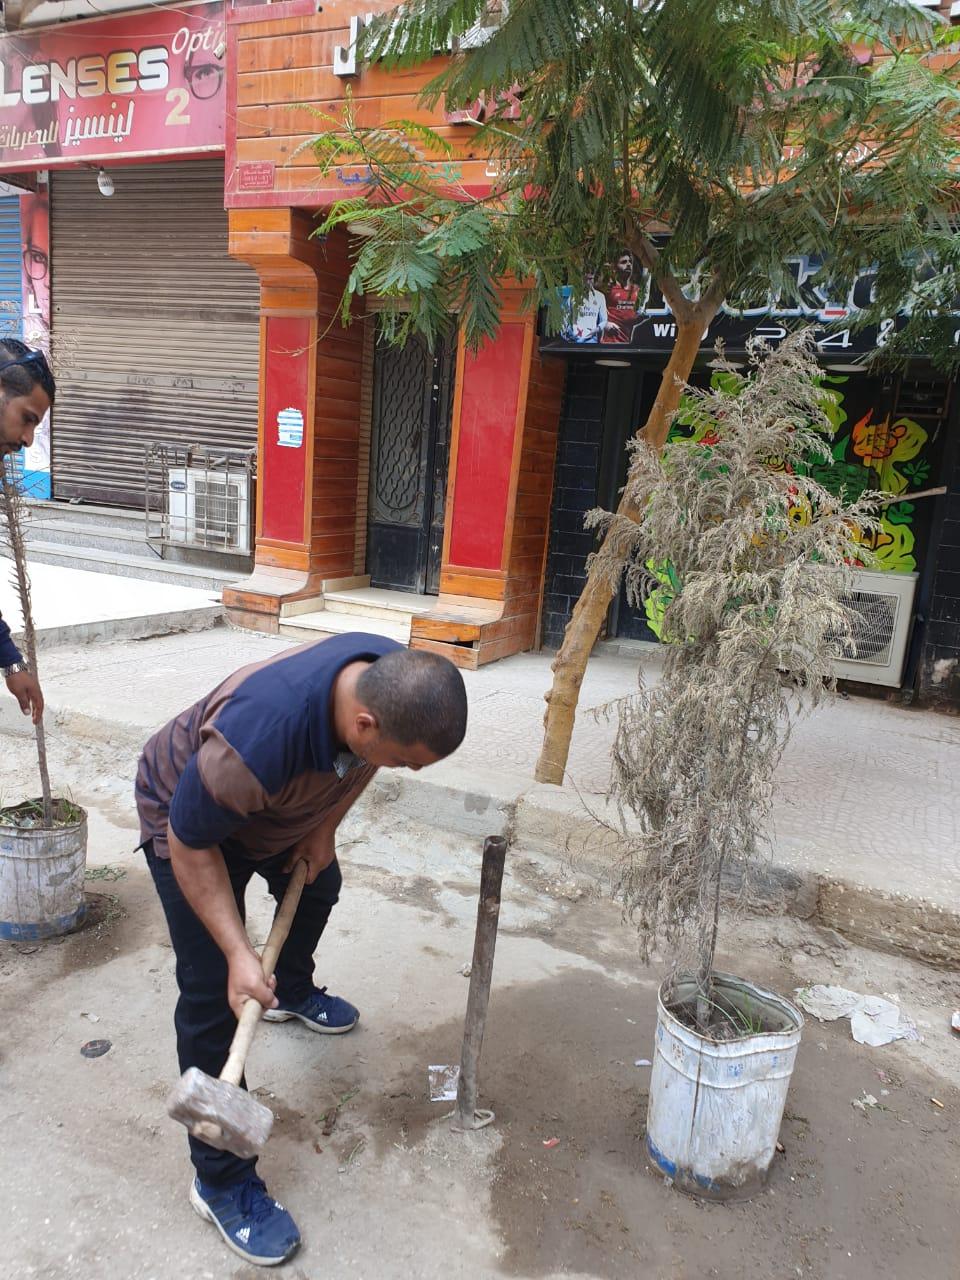 رفع الإشغالات بالعجوزة والطالبية وإصلاح كسر ماسورة مياه جنوب الجيزة  (7)